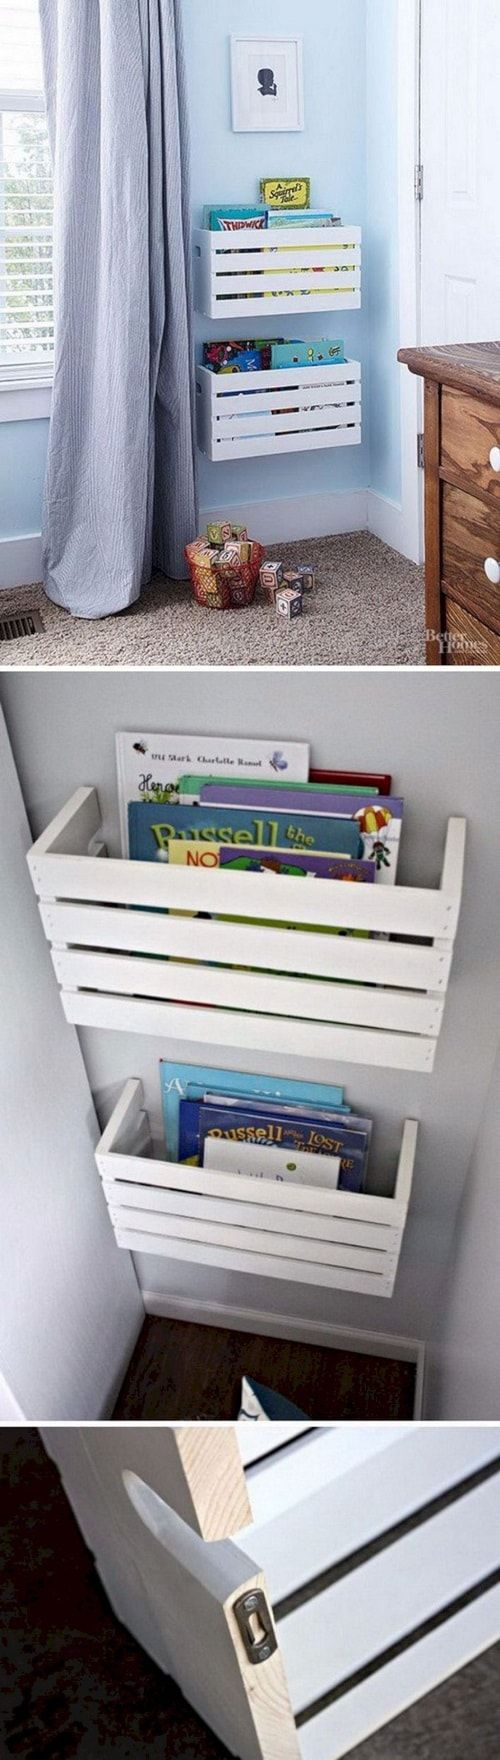 20 Clever Chic DIY Kleine Schlafzimmer Storage Hacks, die Ihren Verstand blasen werden - Wohn Design #bedroominspirations